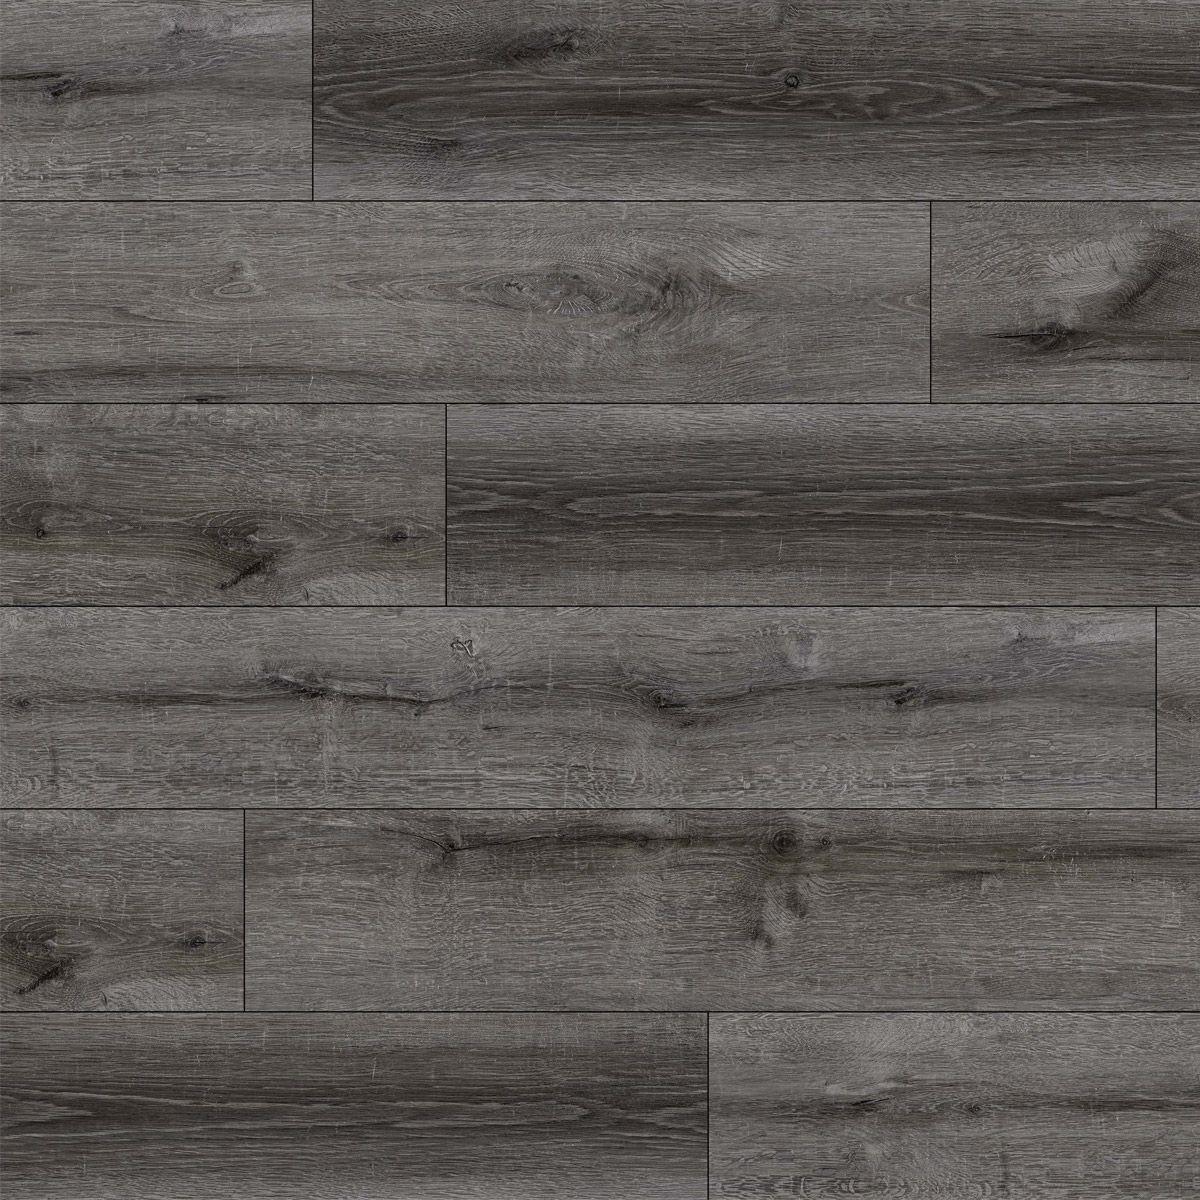 Lame PVC clipsable chêne grisé 6,5 mm Trani | Déco | KALICO